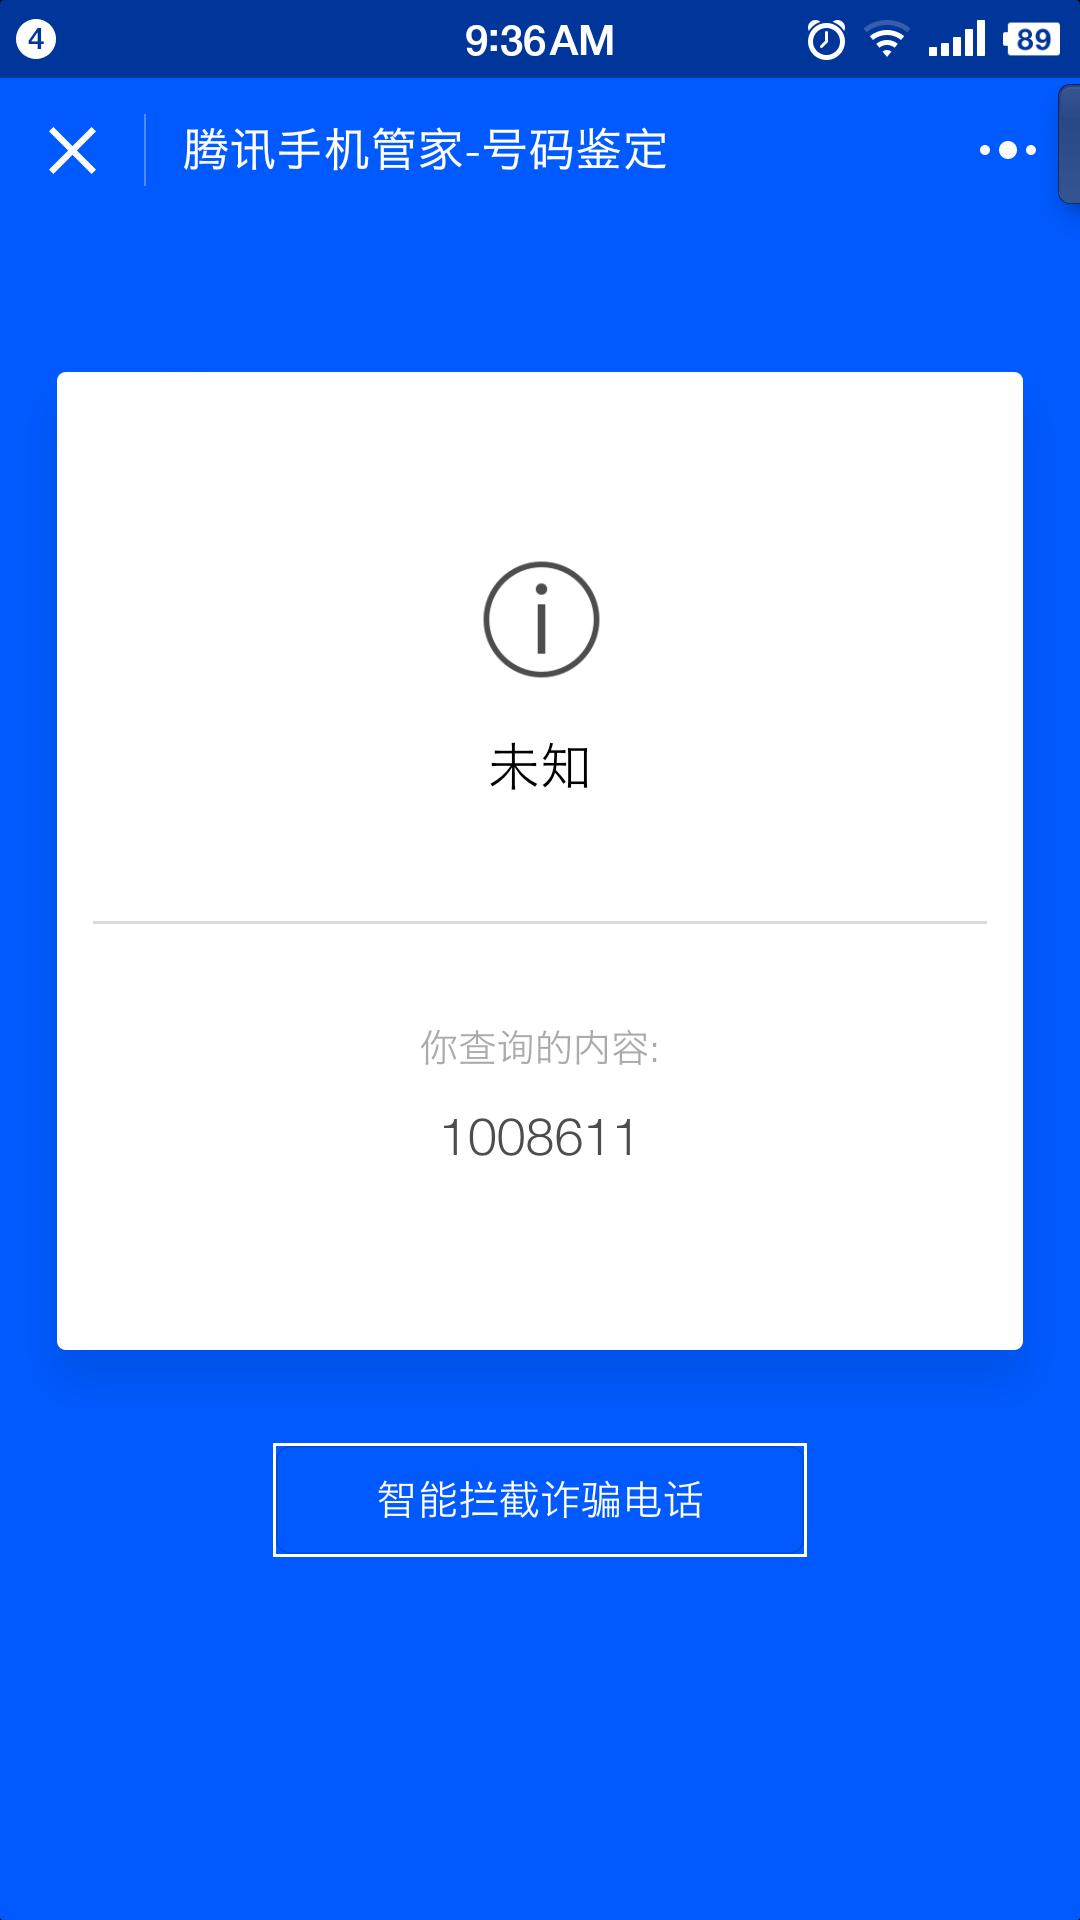 腾讯手机管家号码鉴定